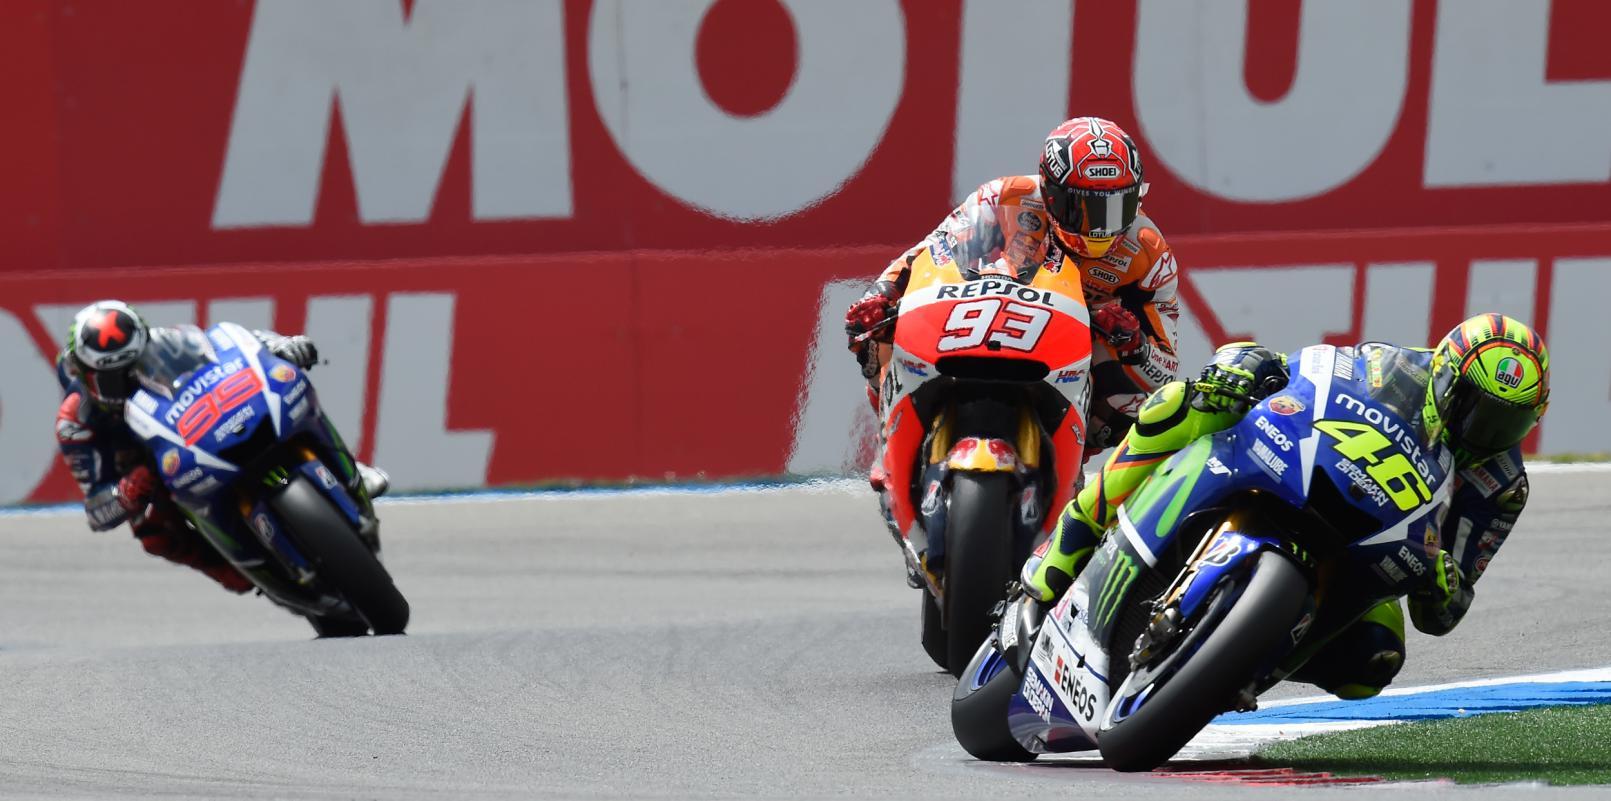 Rossi e Marquez fizeram o duelo da corrida